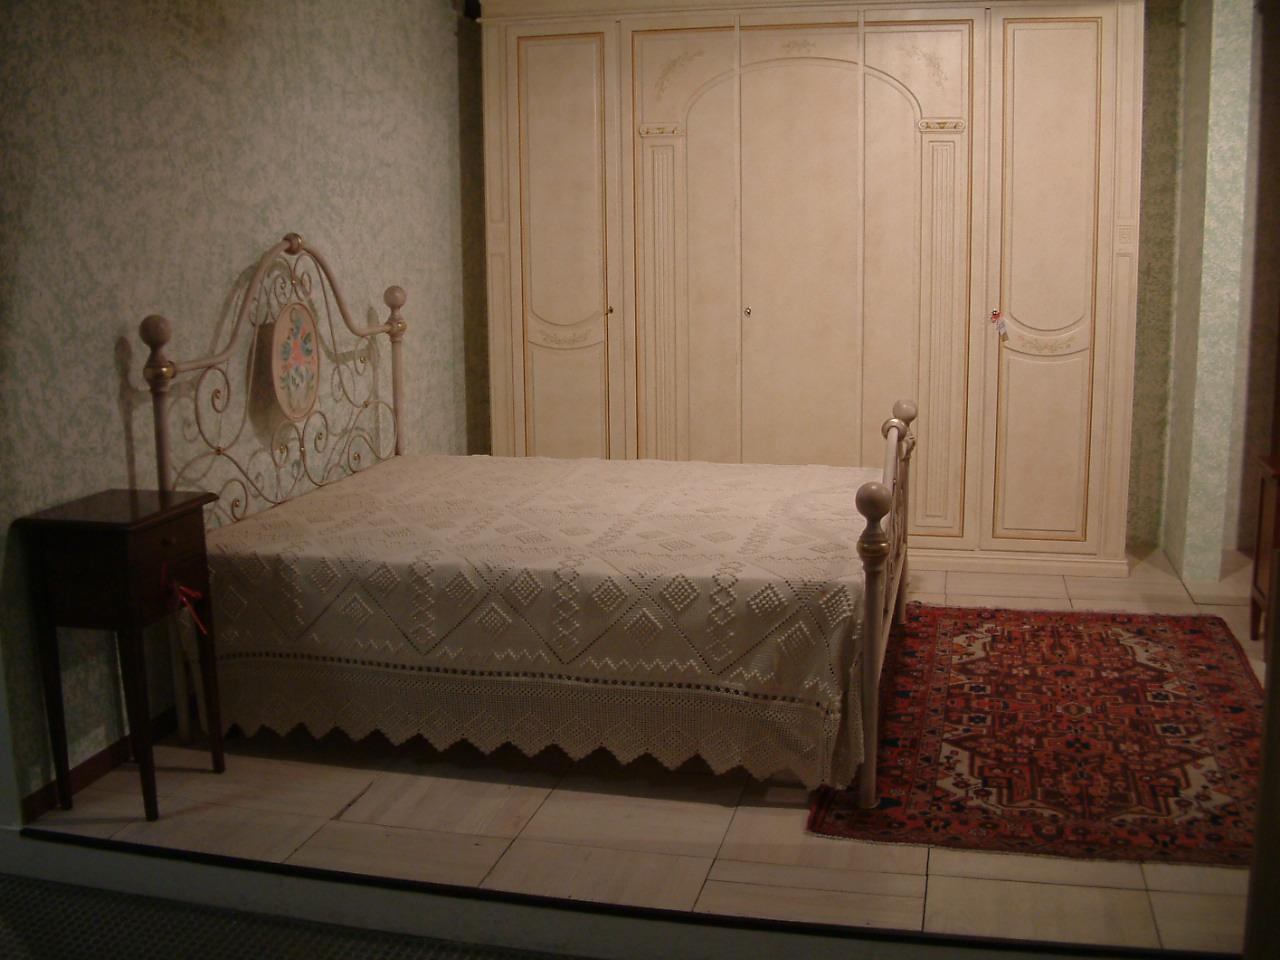 Camera Matrimoniale Stile Veneziano.Camere Da Letto